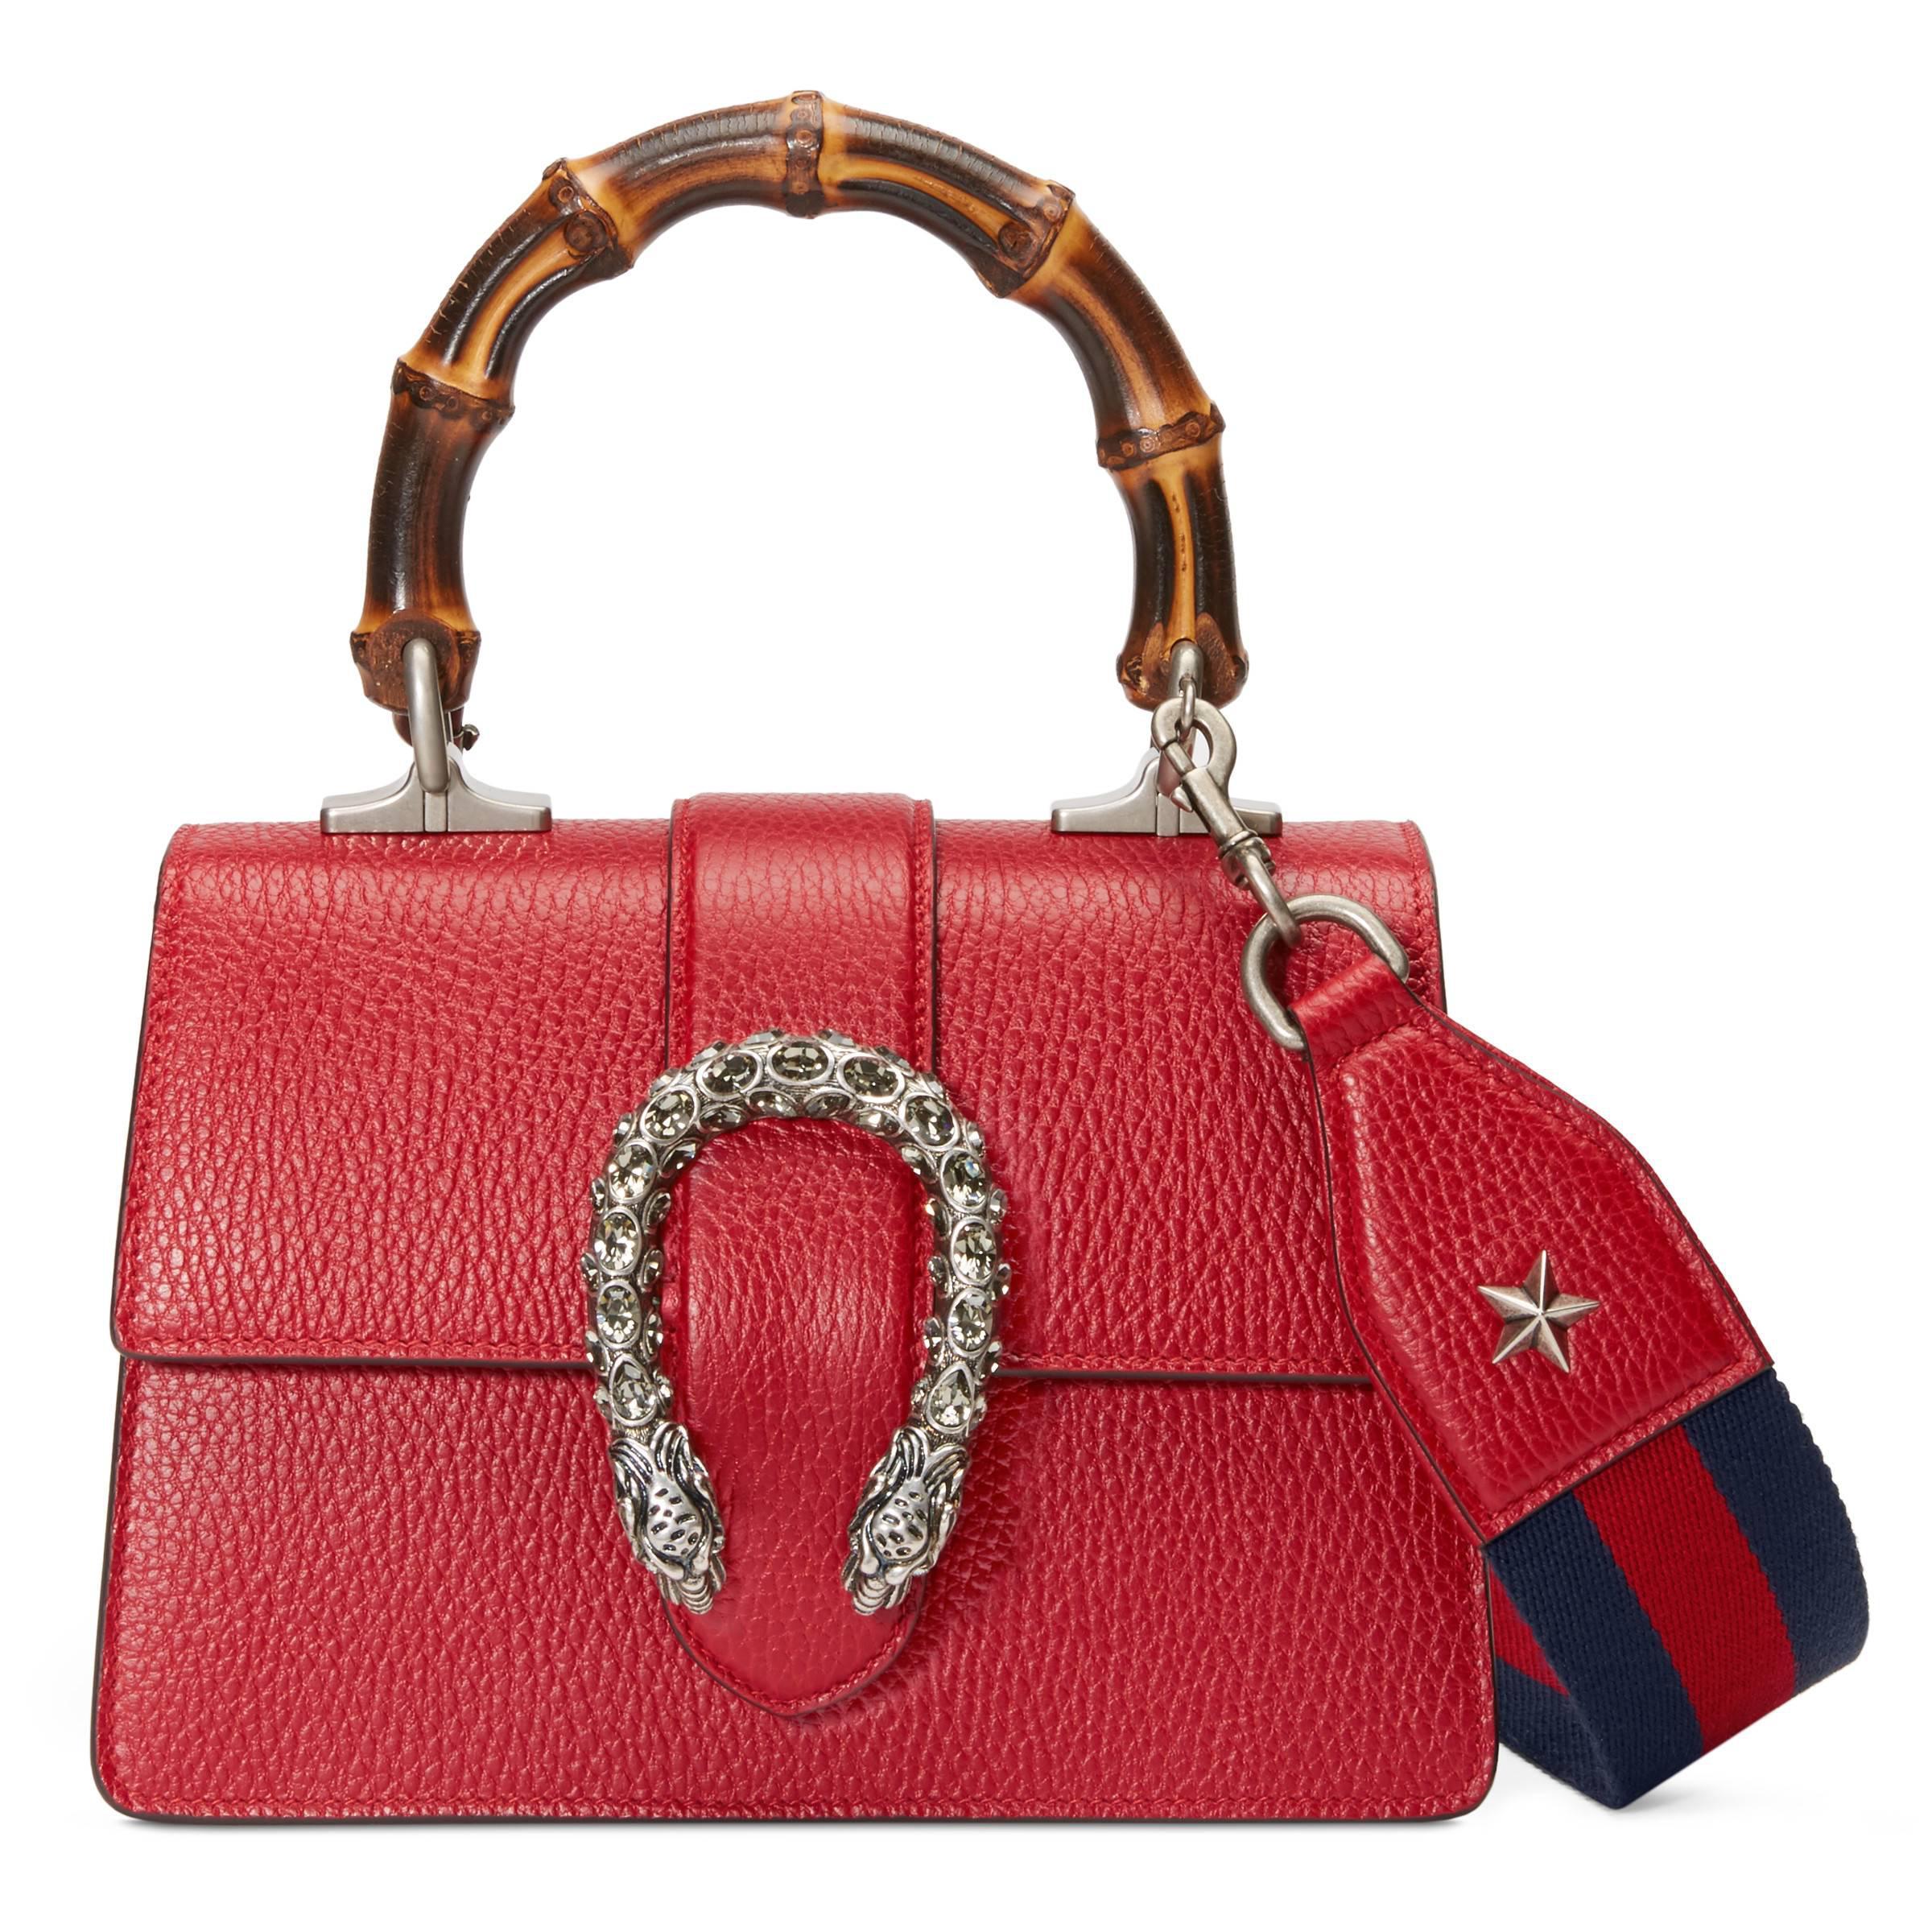 cacde82c5e1 Gucci Mini Sac À Main Dionysus in Red - Lyst